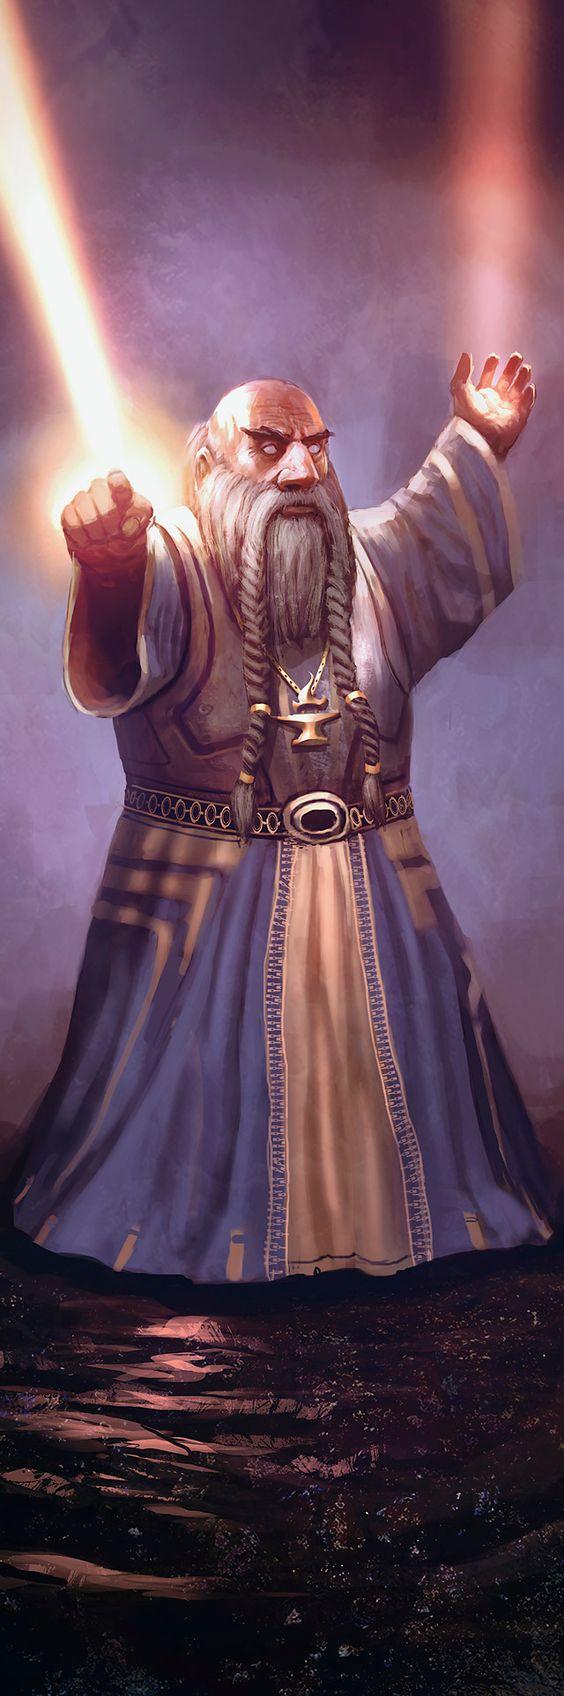 Dwarf light mage firing a sunlance spell he bears a